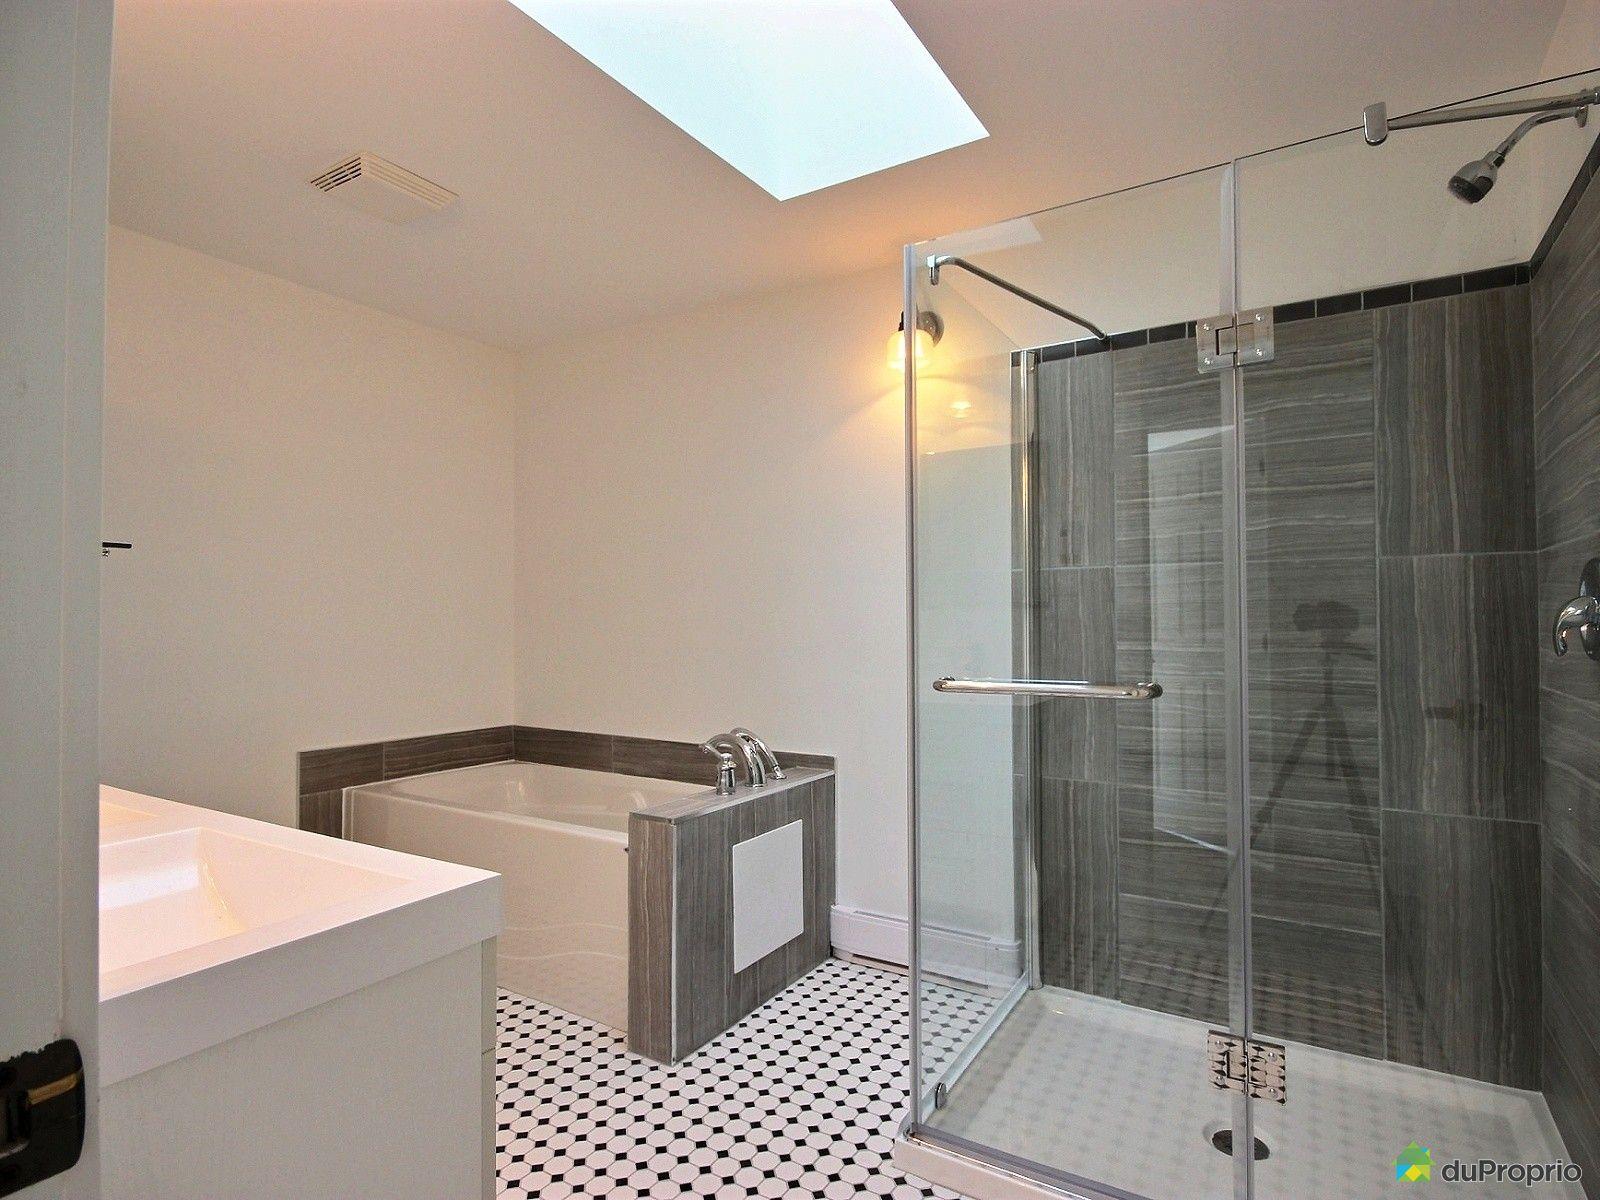 Maison vendre st eustache 1057 boulevard arthur sauv for Salle de bain 25 st eustache